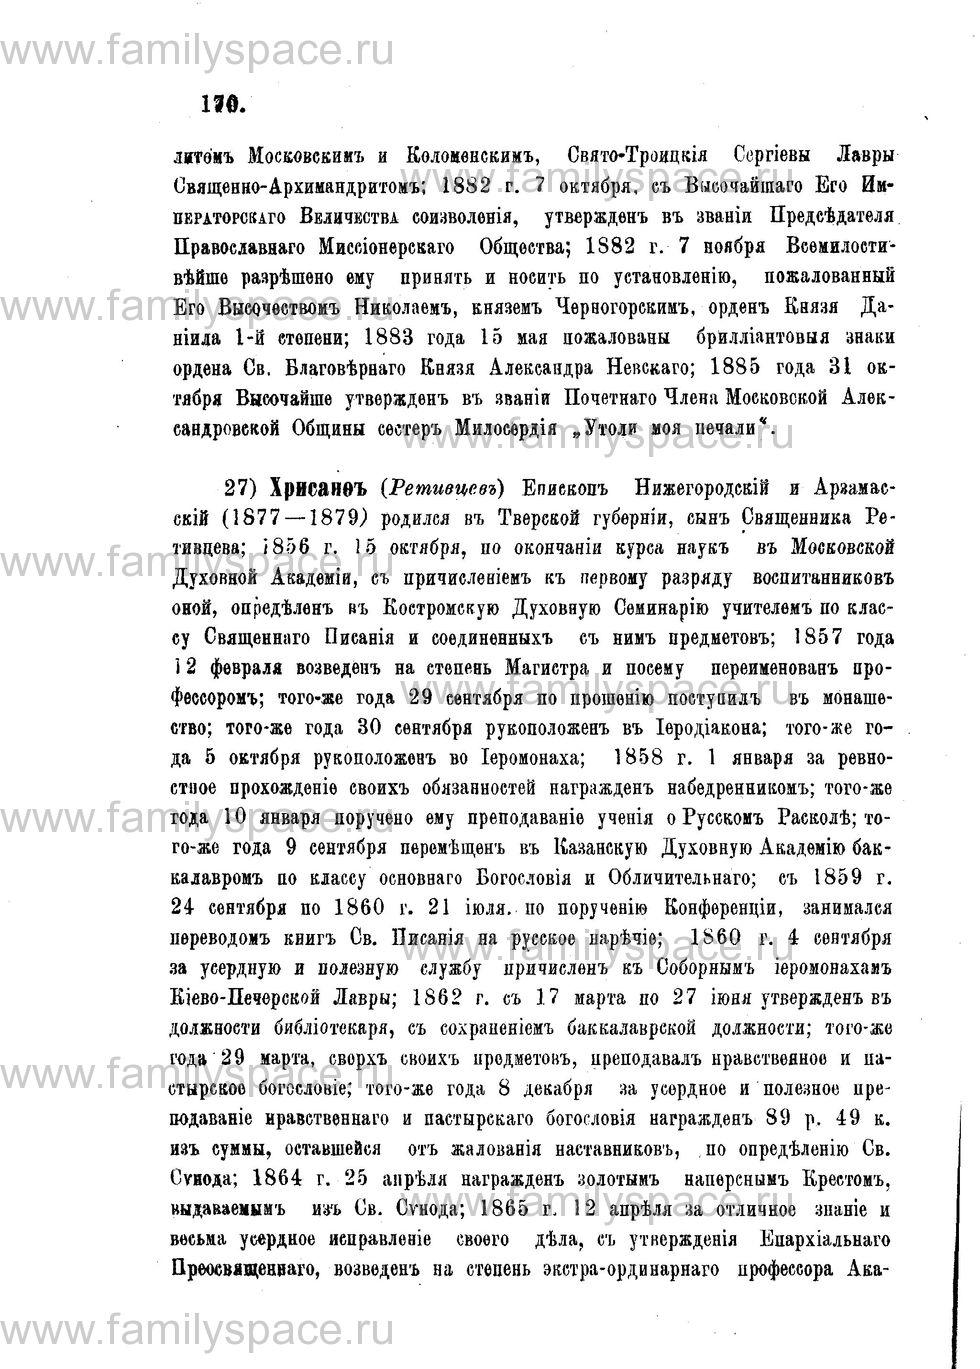 Поиск по фамилии - Адрес-календарь Нижегородской епархии на 1888 год, страница 1170